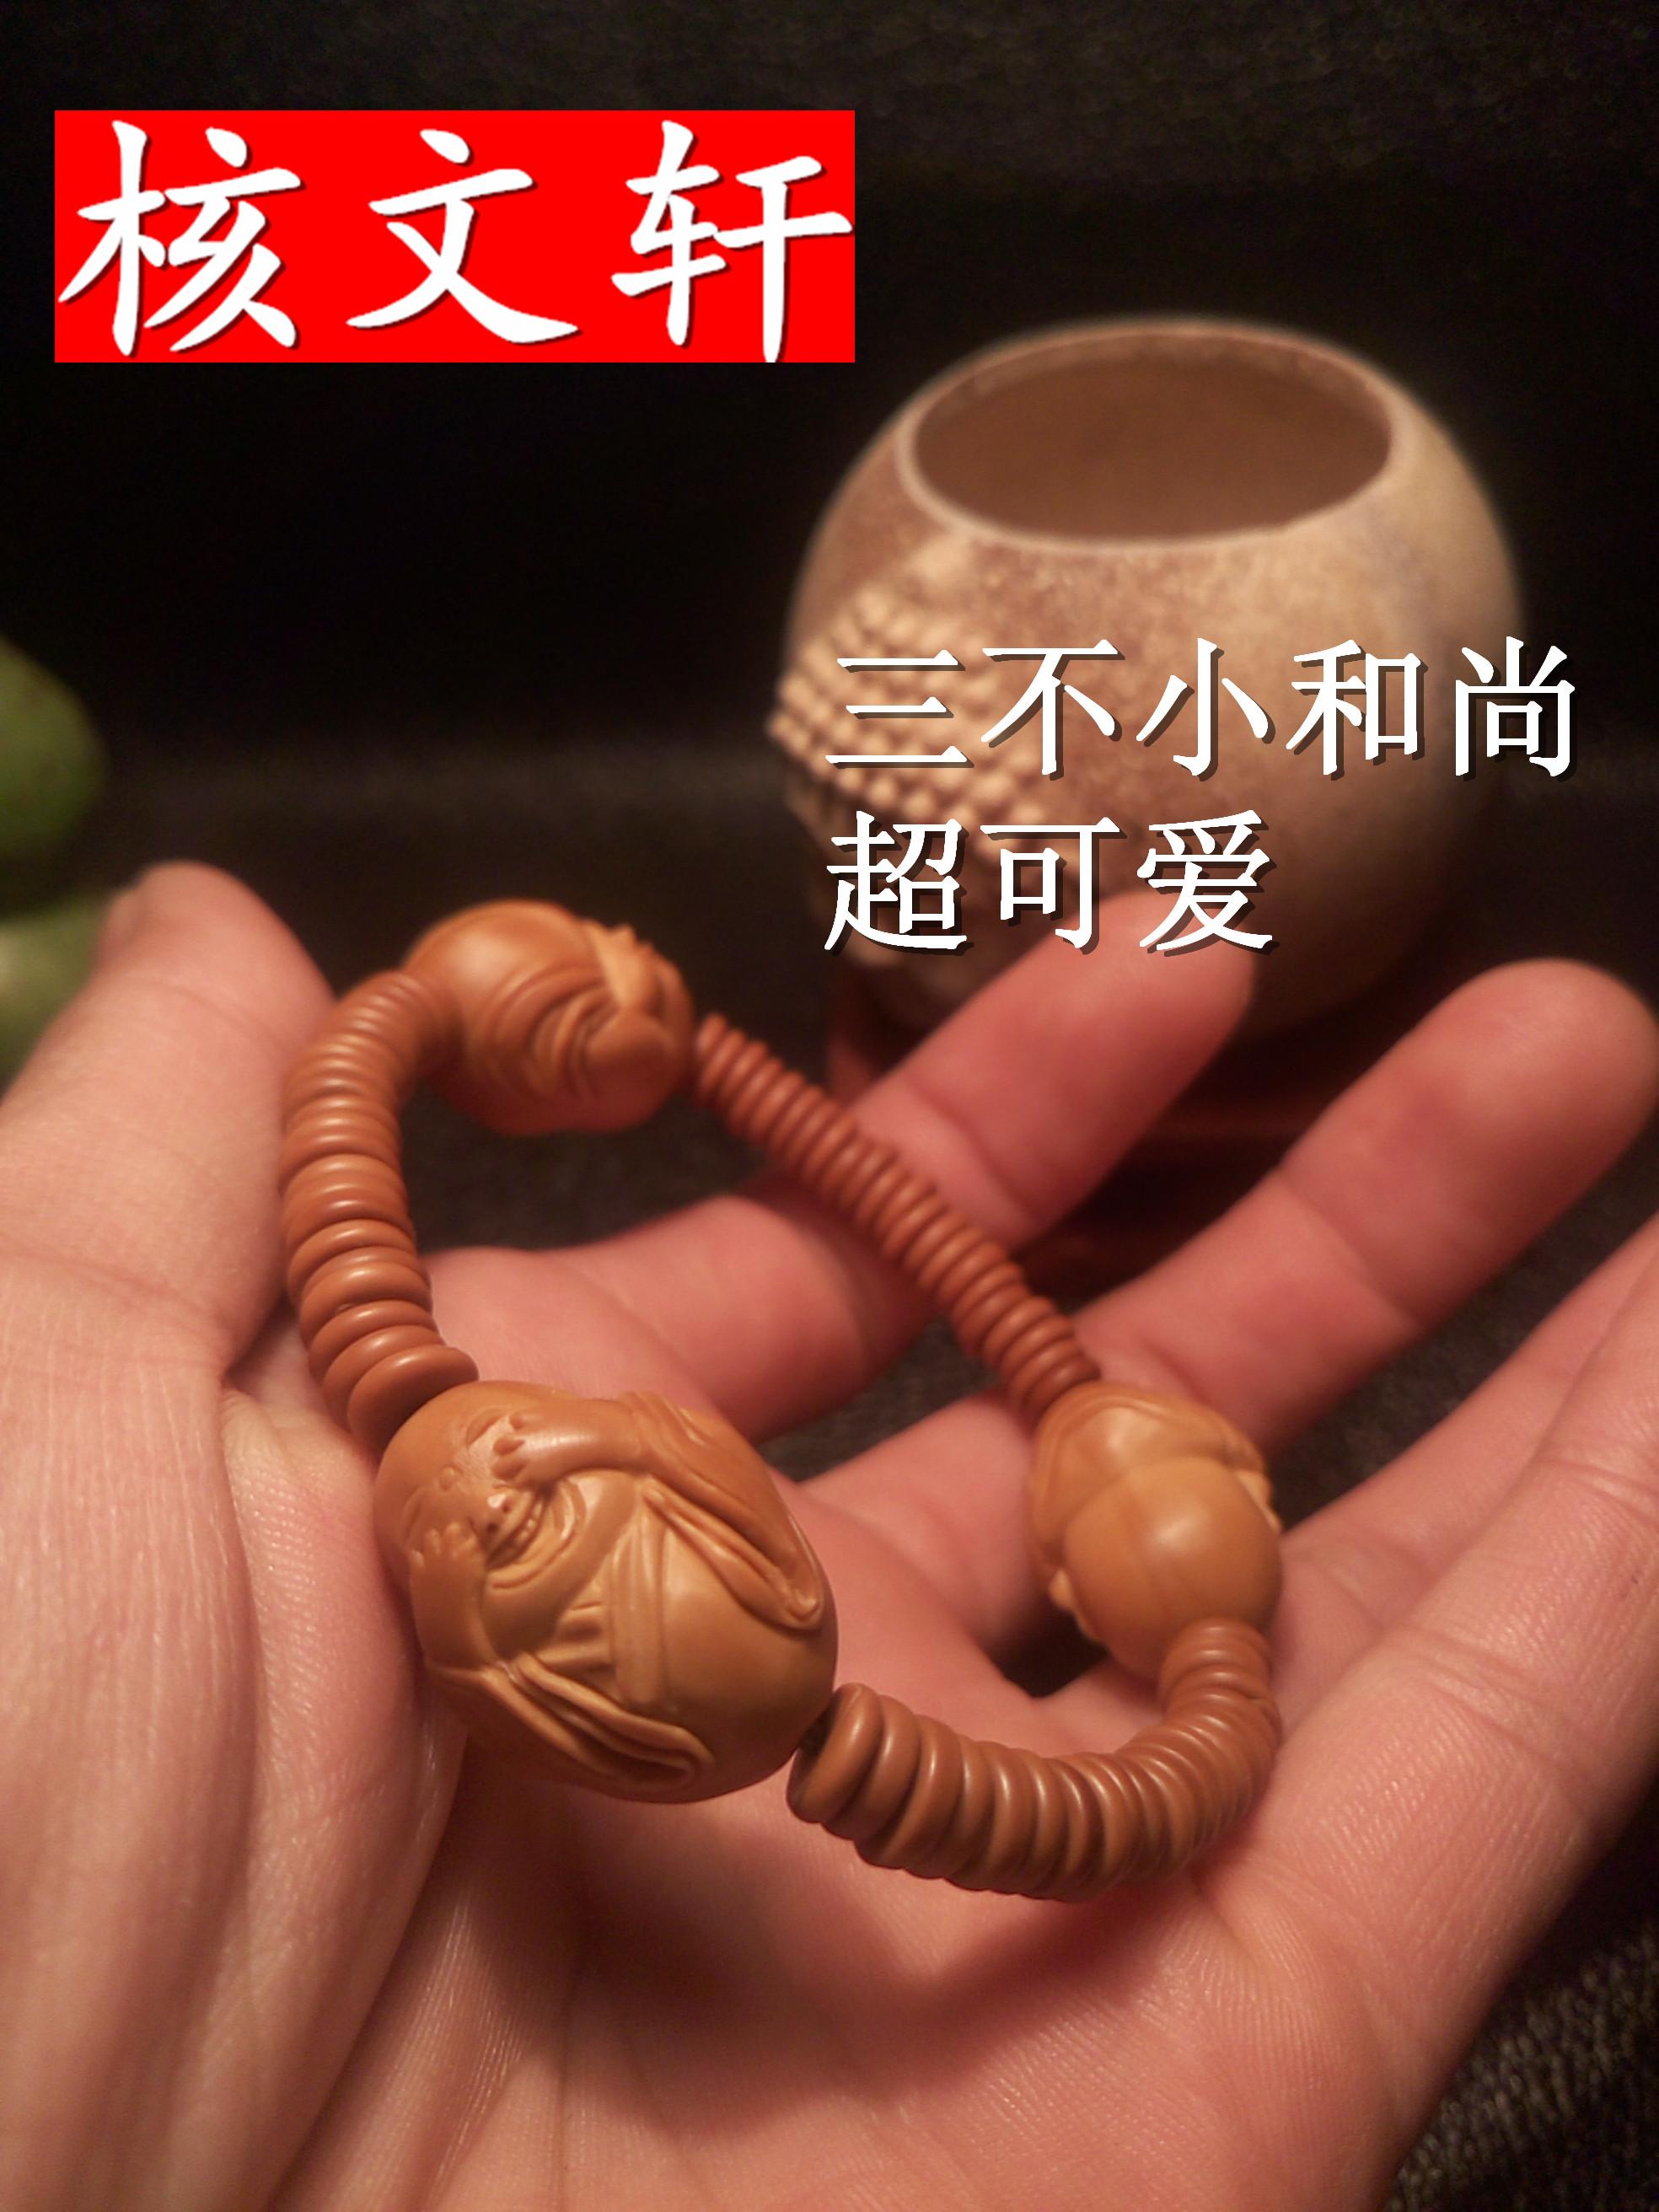 橄榄核胡核雕刻纯手工 三不小和尚 超可爱 老油核 男女手串包邮 Изображение 1